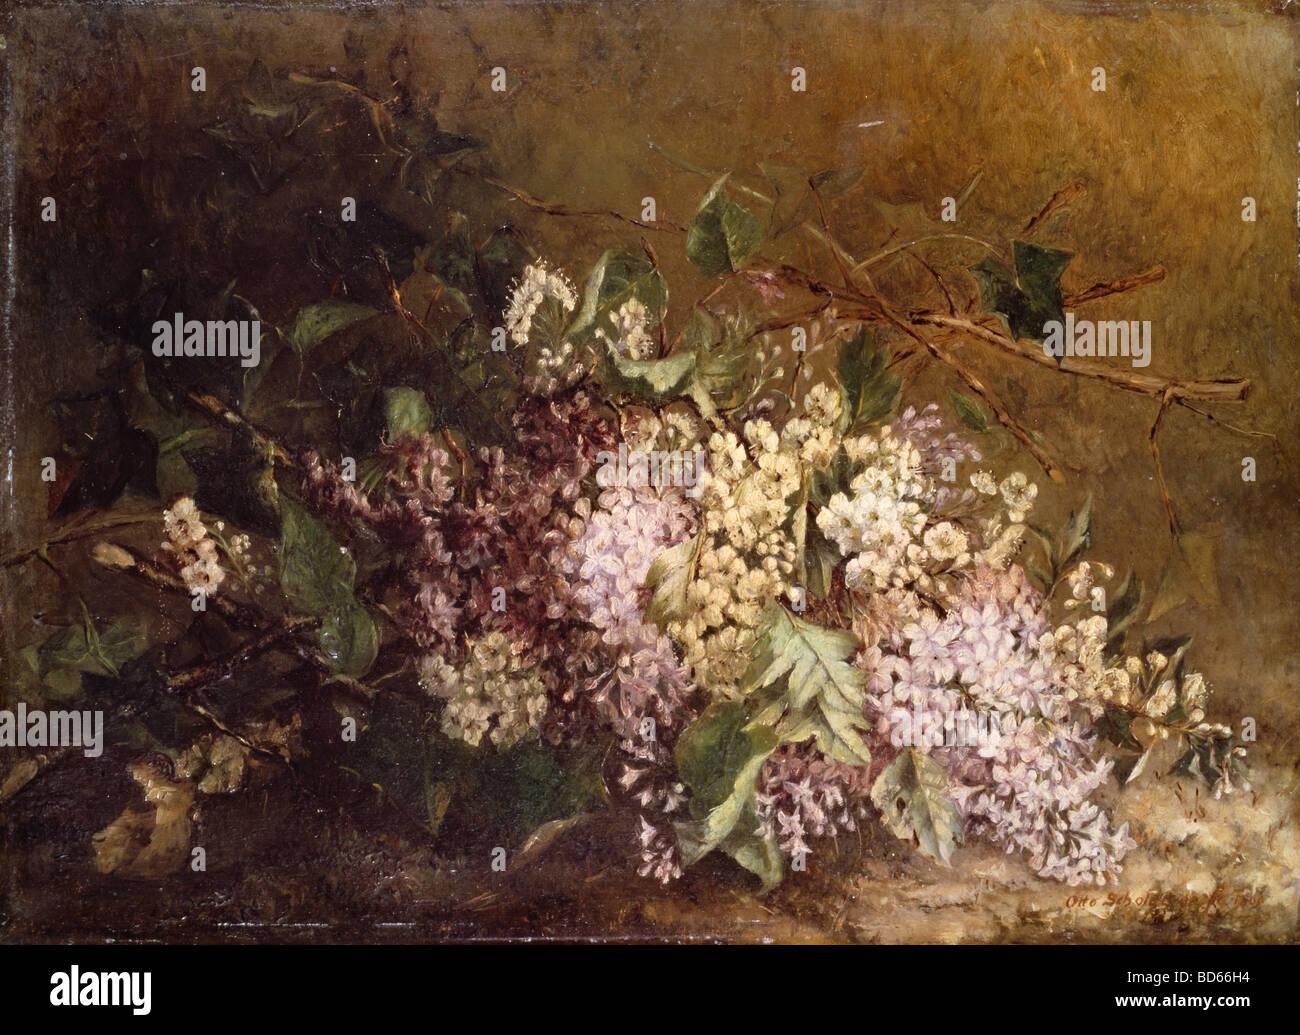 """Bildende Kunst, Scholderer, Otto (1834-1902), Malerei, """"Stilllife mit lila"""" (""""Fliederstilleben""""), um 1860, Lindenau Stockfoto"""